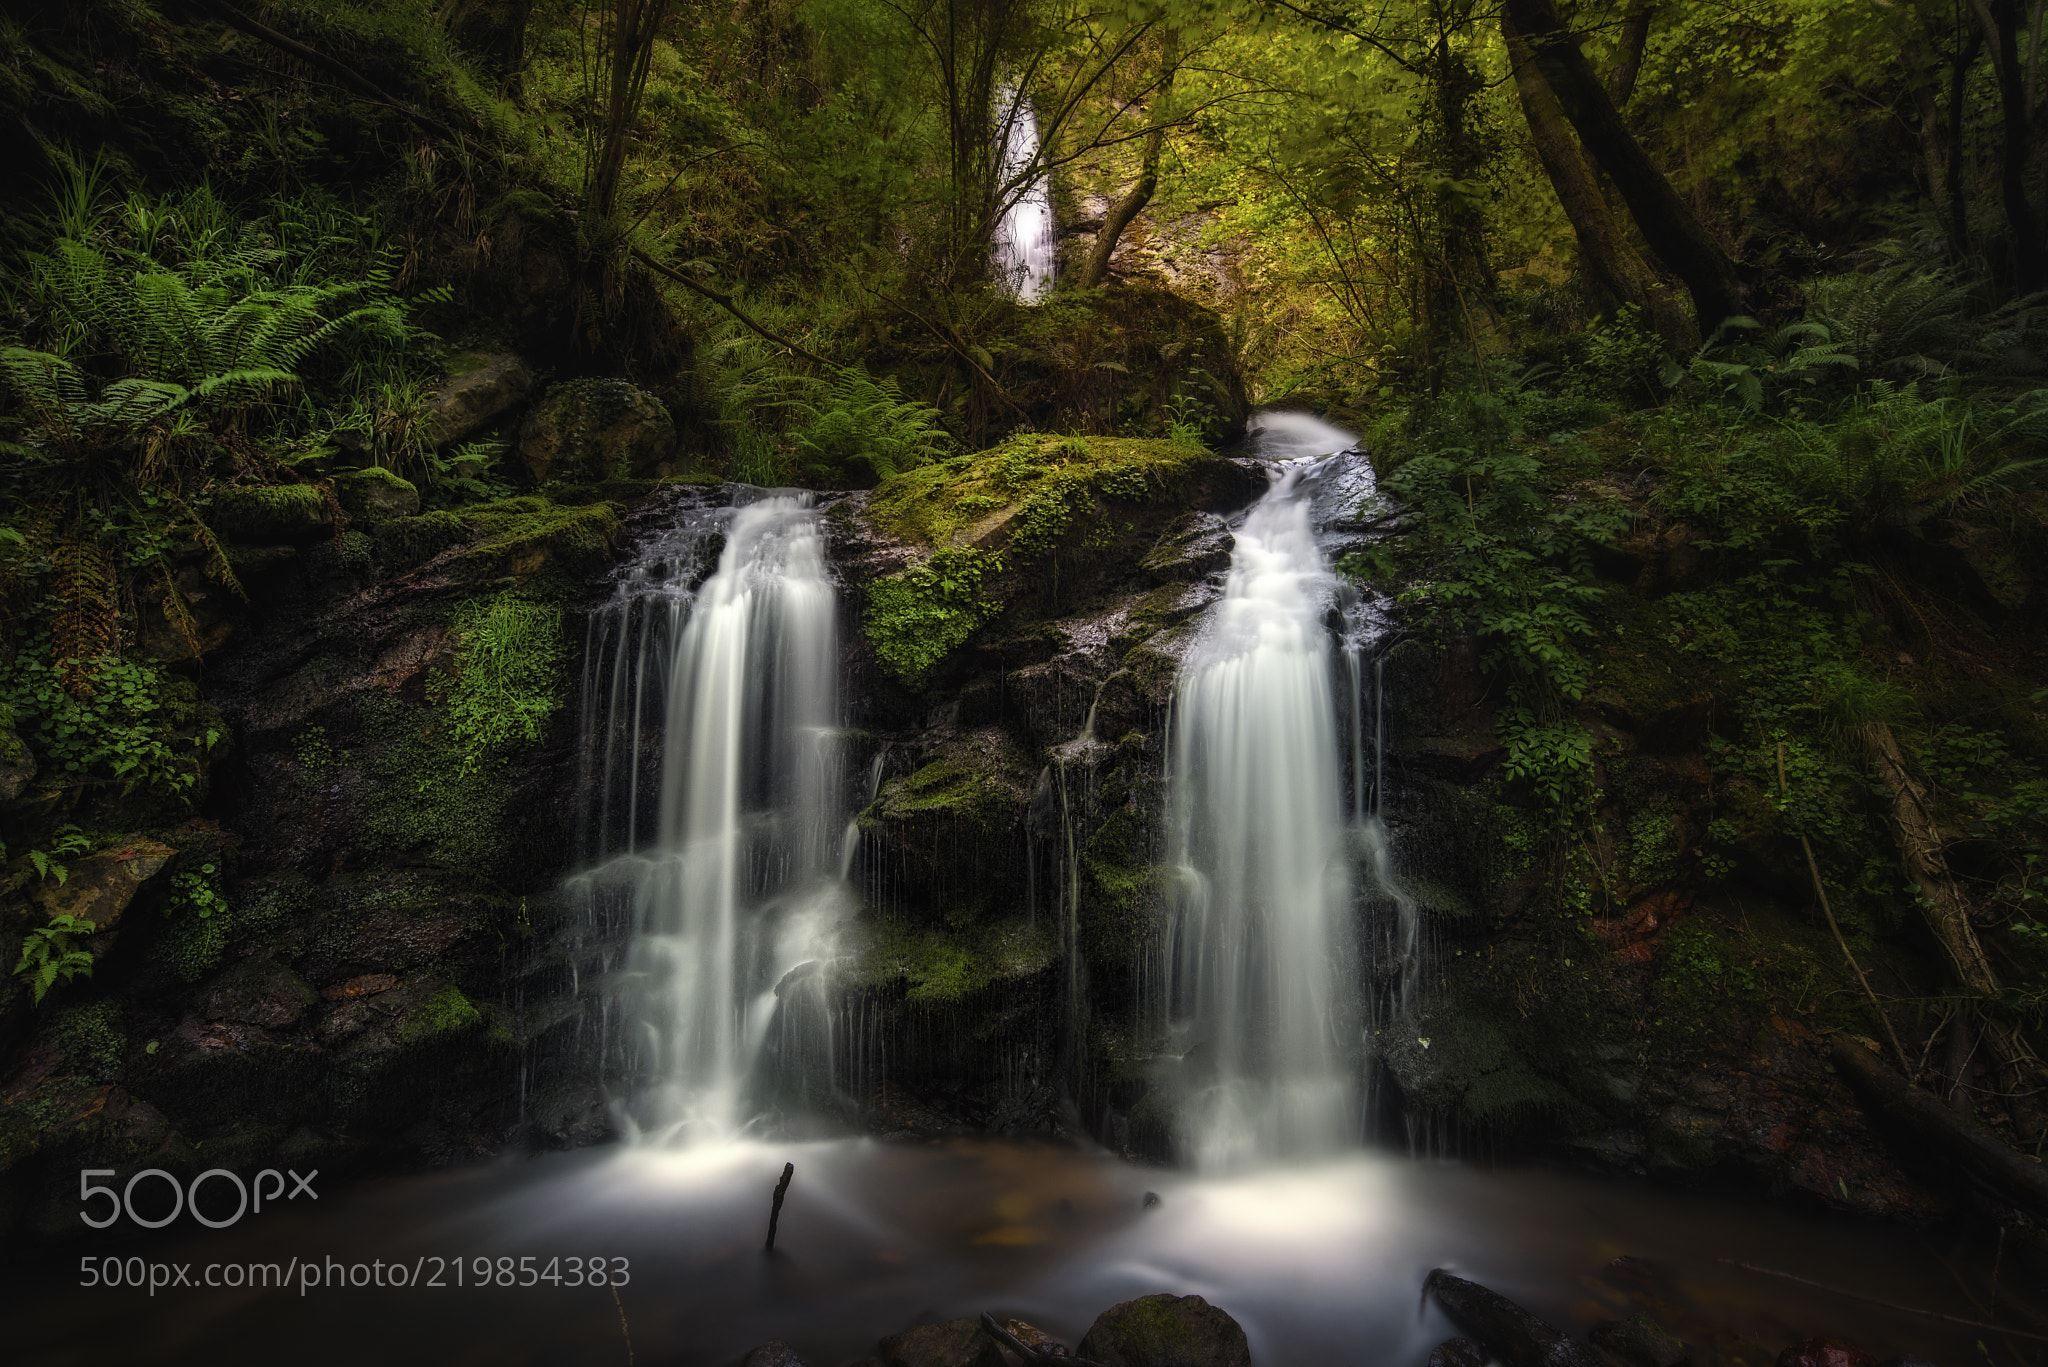 водопад художественное фото карантина всех